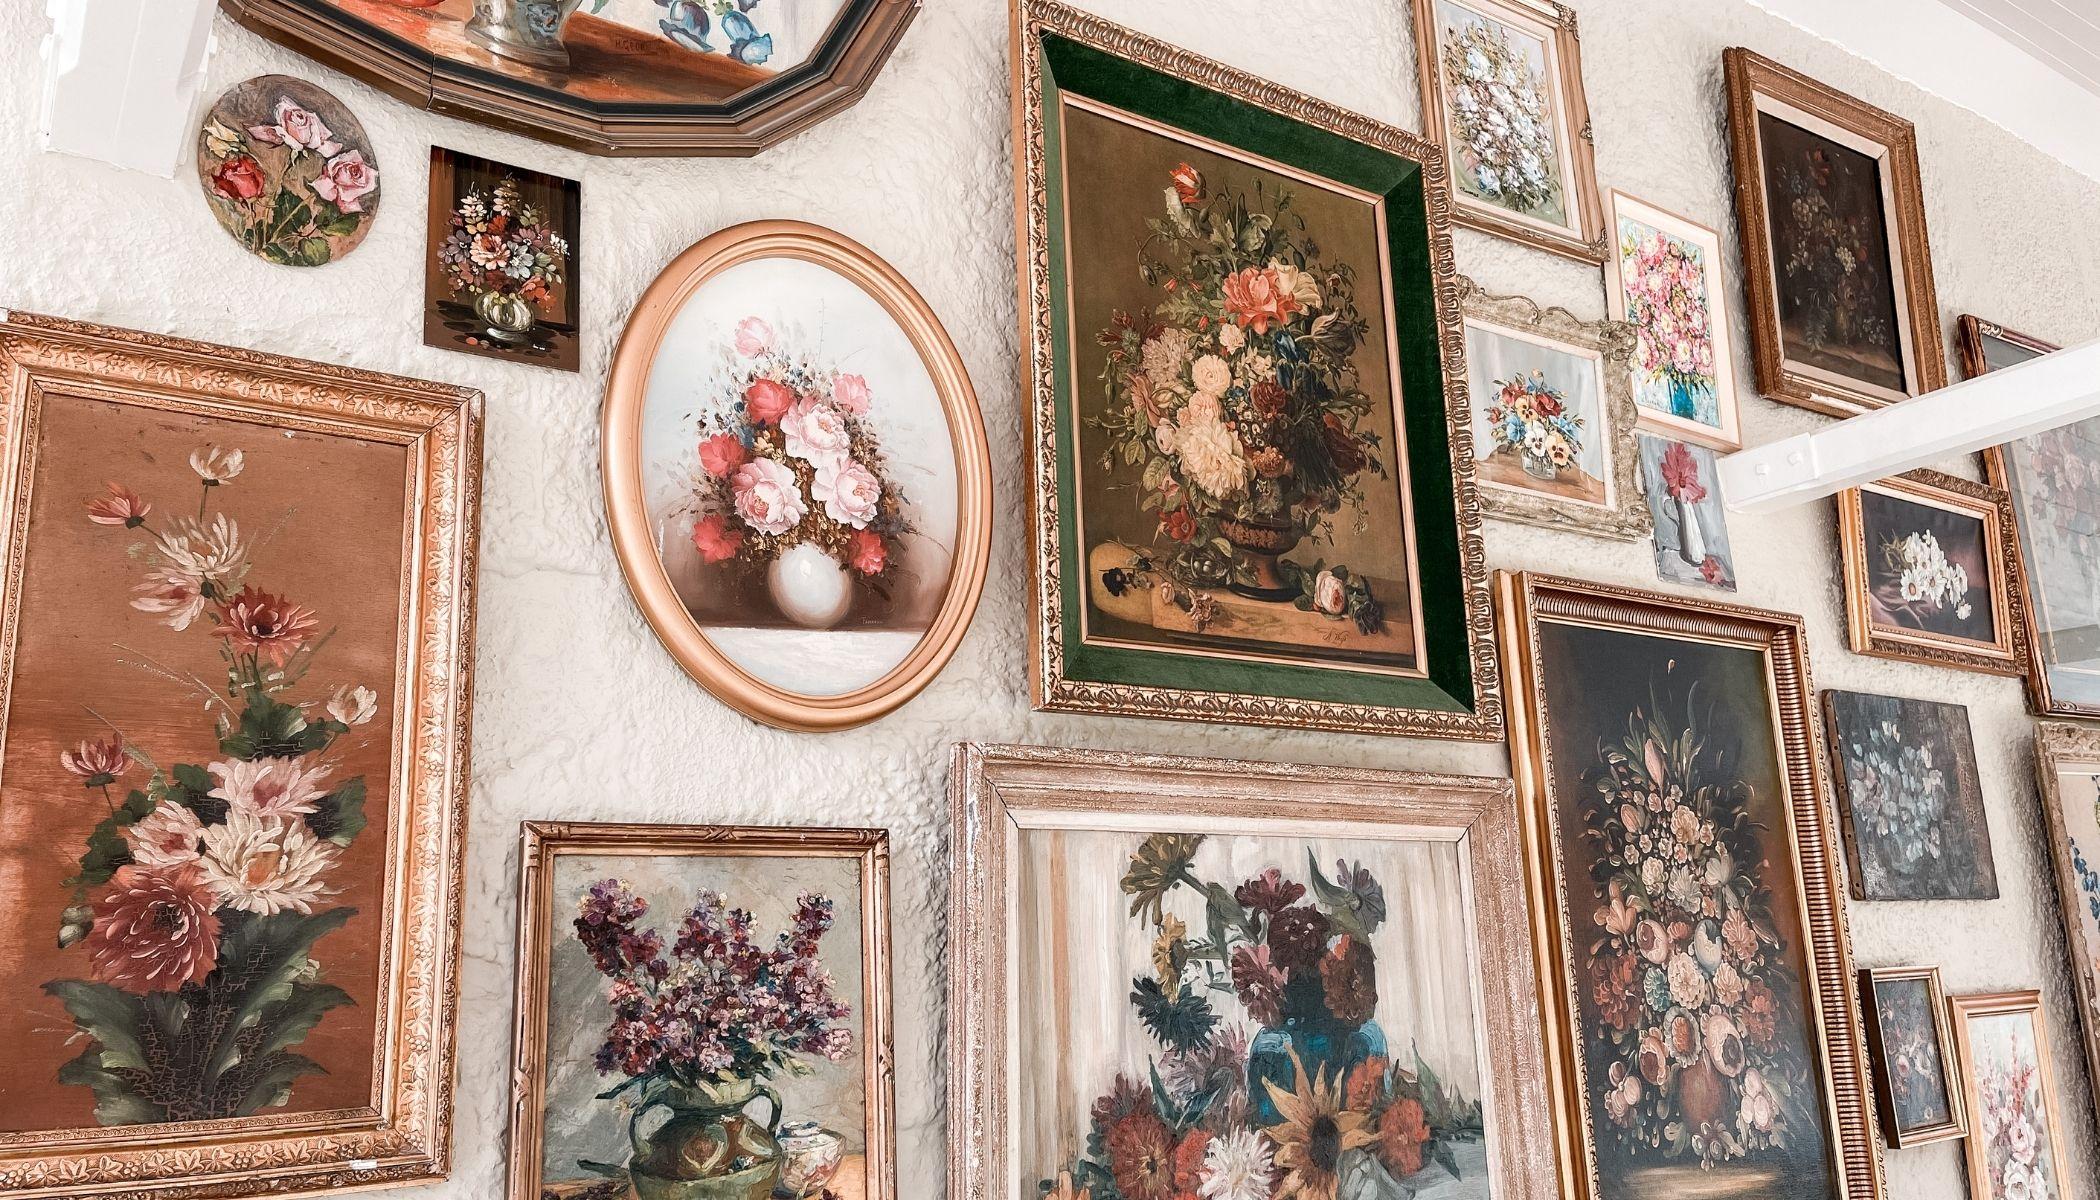 Stunning Flower Wall in Breakfast Room